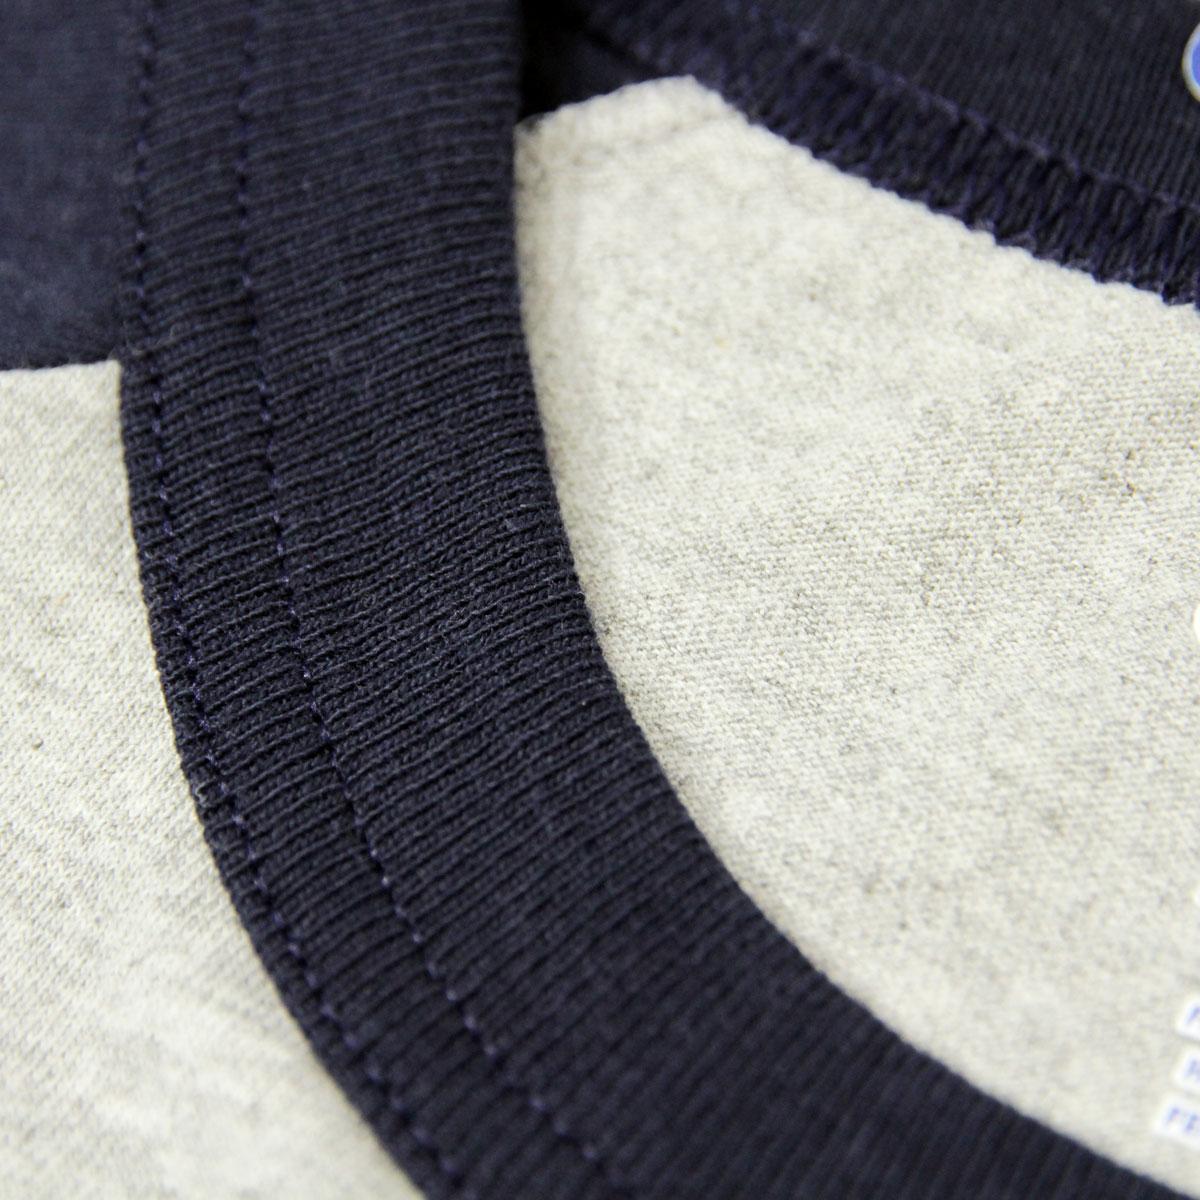 チャンピオン CHAMPION 正規品 メンズ 長袖Tシャツ RAGLAN TEE T1370 Raglan 3/4 Jersey C32-OXFRODGREY/NAVY